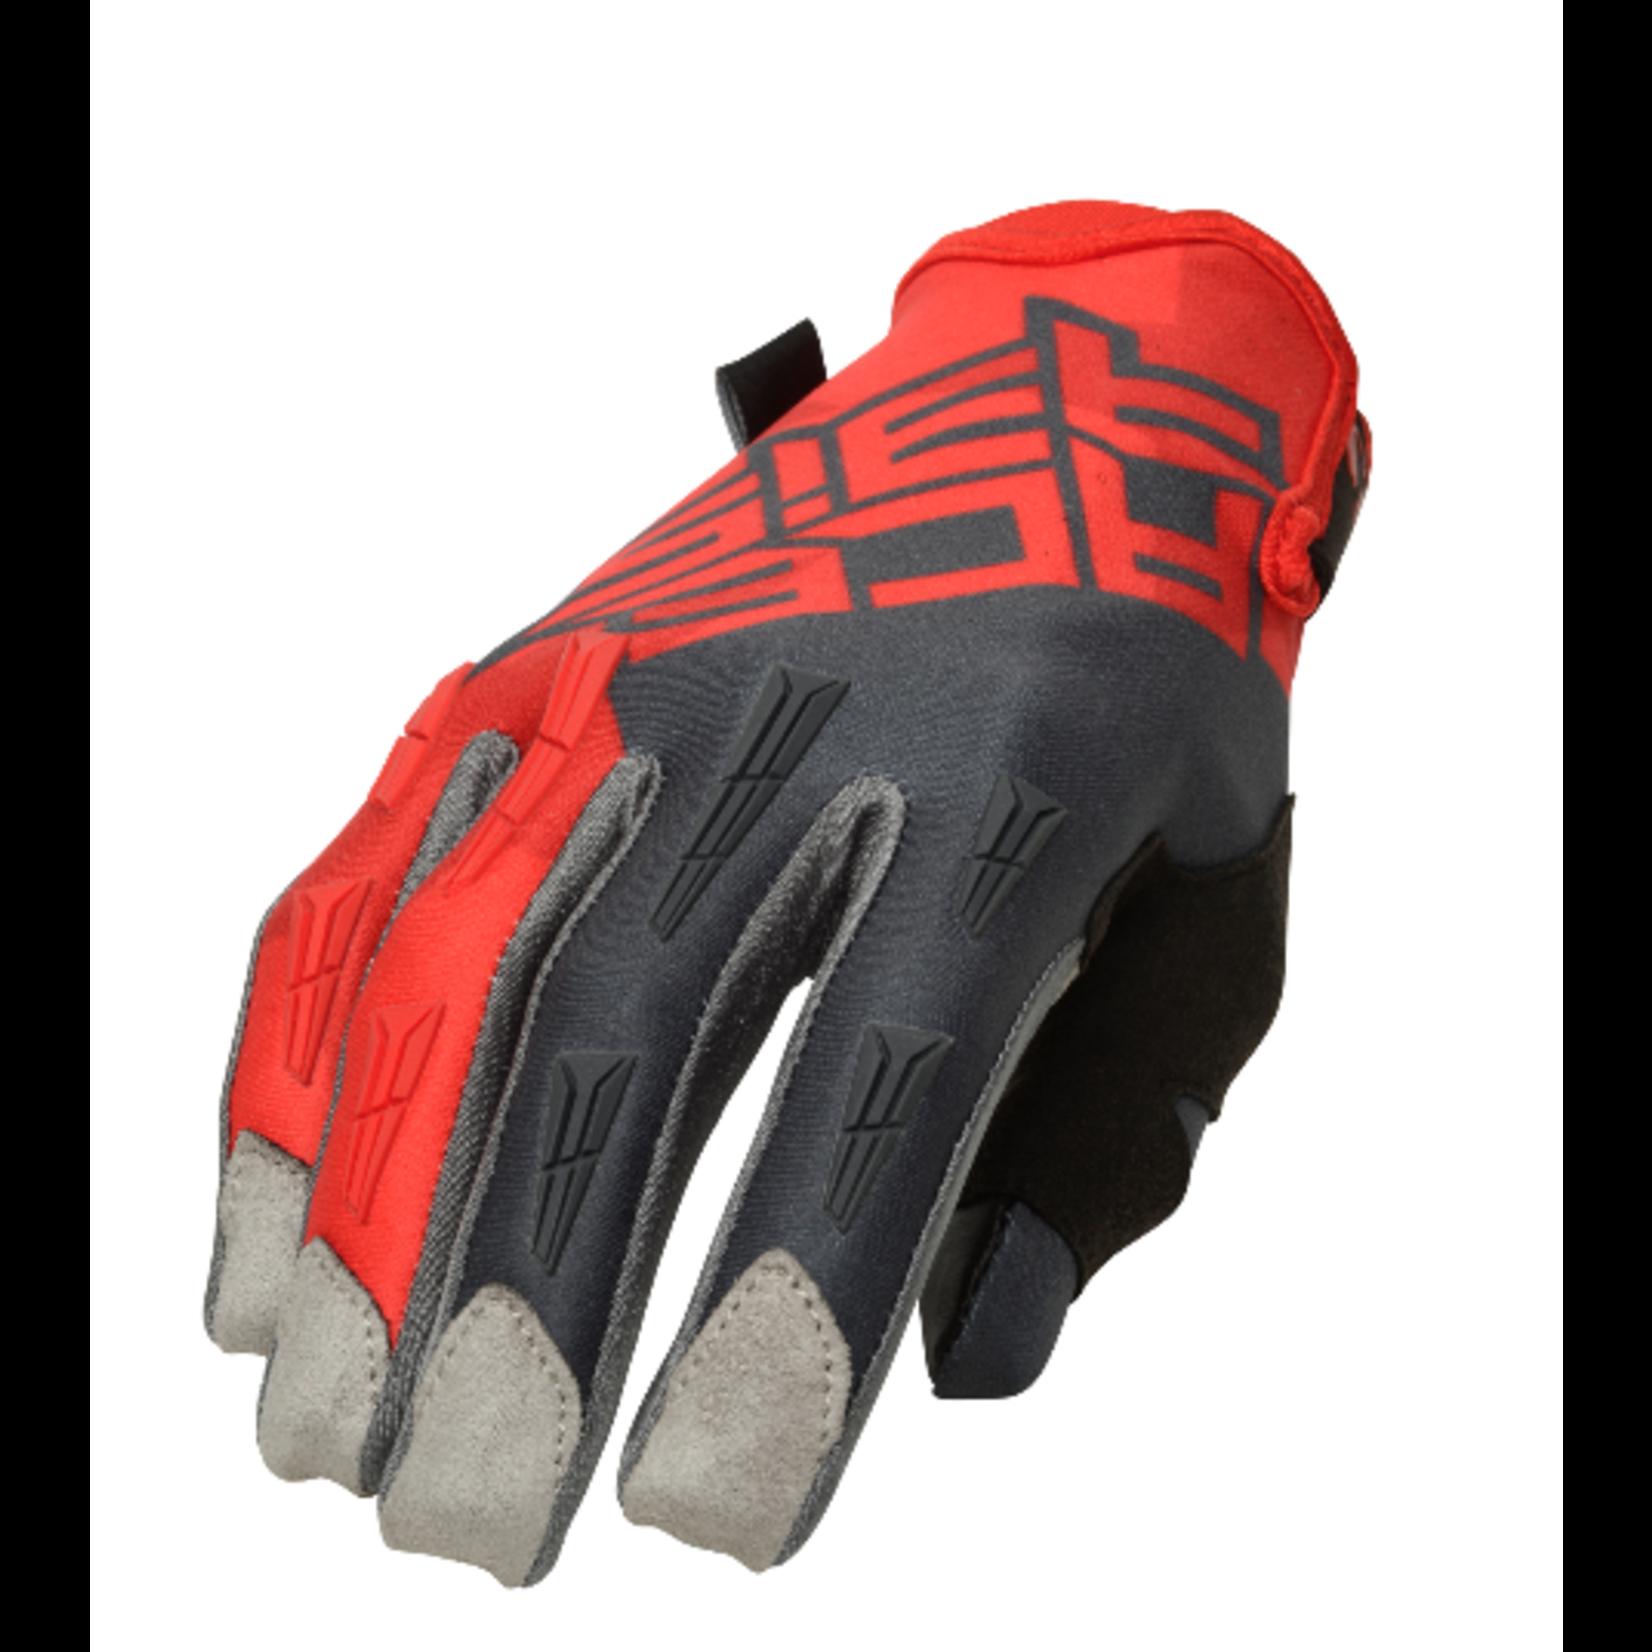 ACERBIS Acerbis Handschuhe MX X-H red/grey